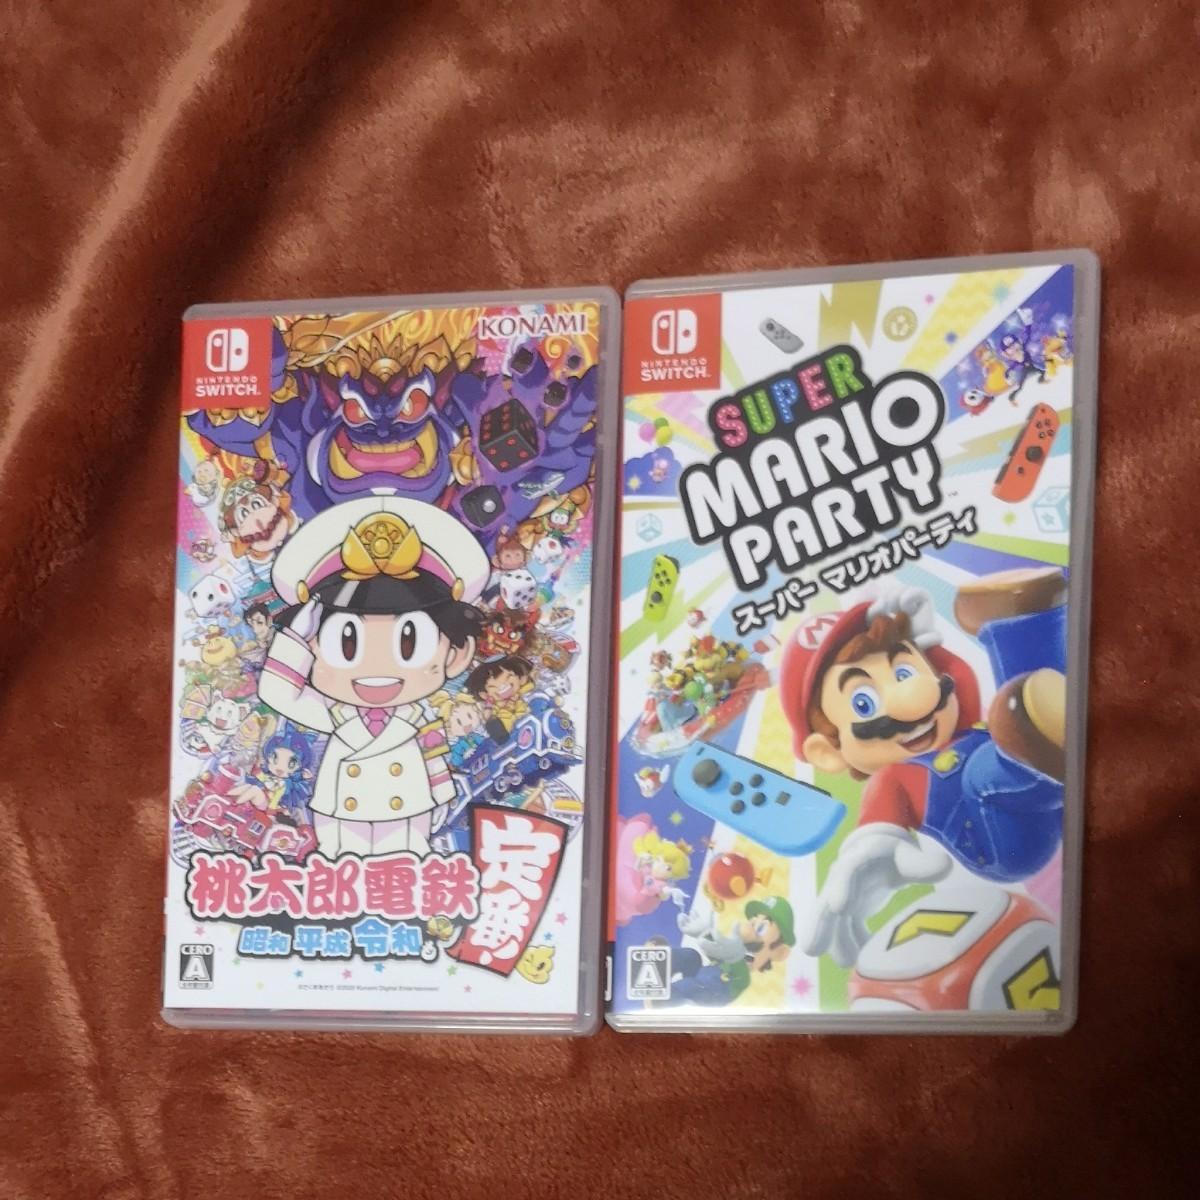 【Switch】 桃太郎電鉄 ~昭和 平成 令和も定番!~ スーパーマリオパーティ ニンテンドースイッチ